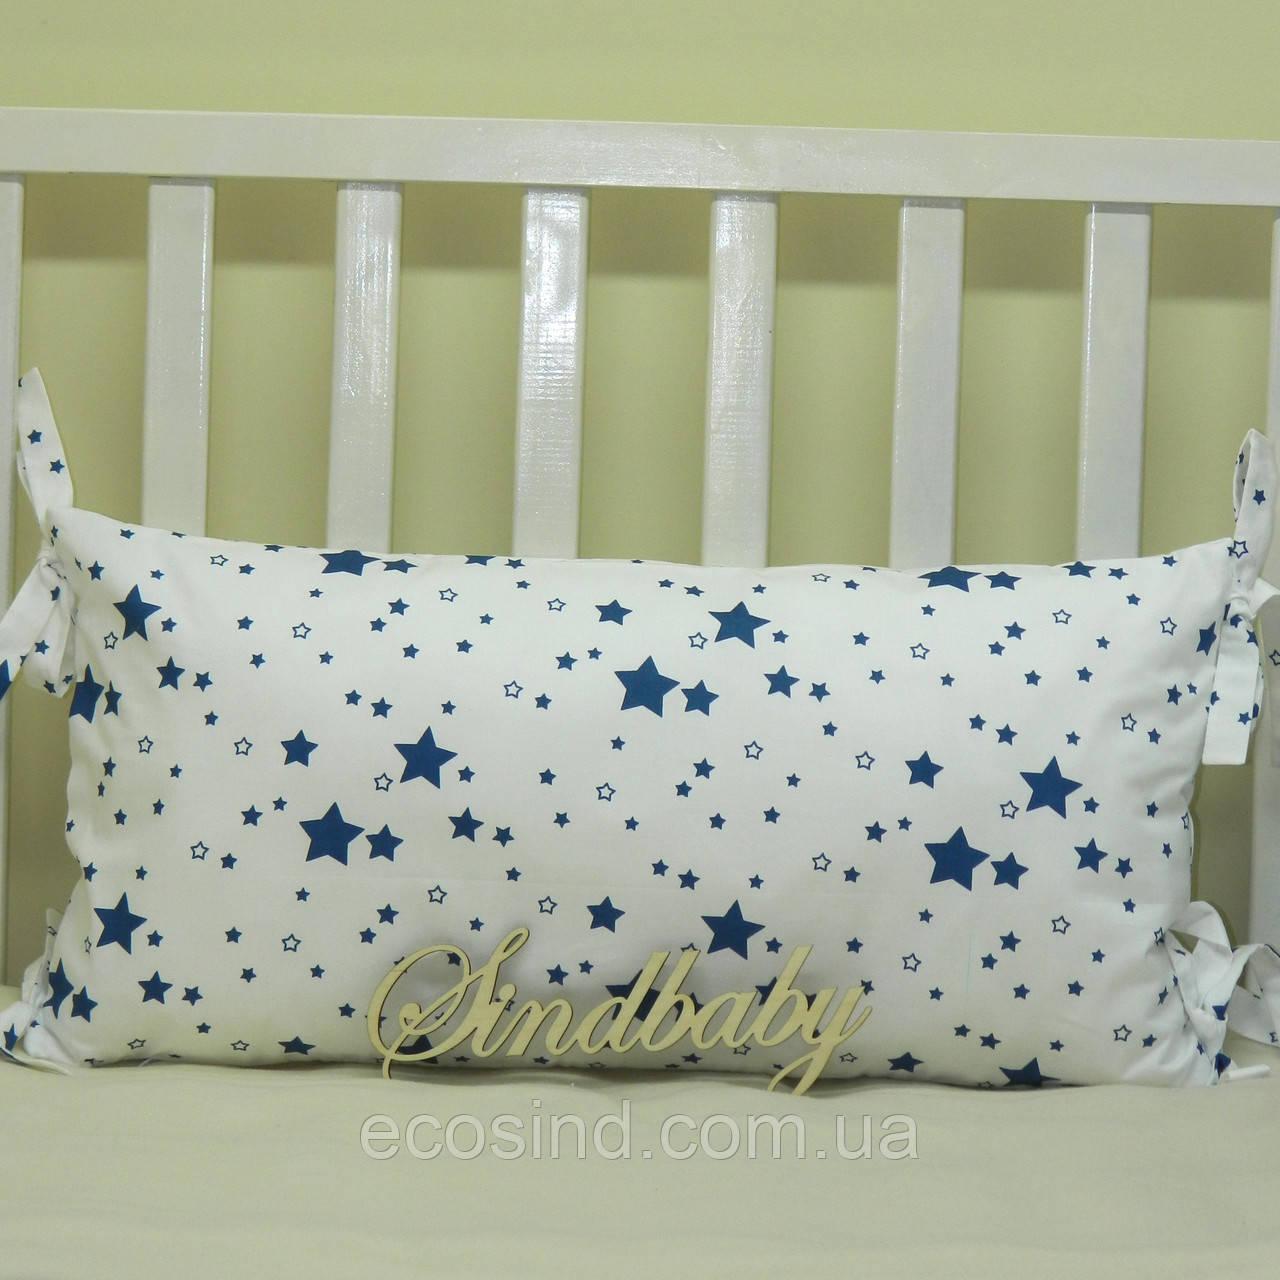 Бортики подушки в кроватку, Подушка сатин 30х60 -01